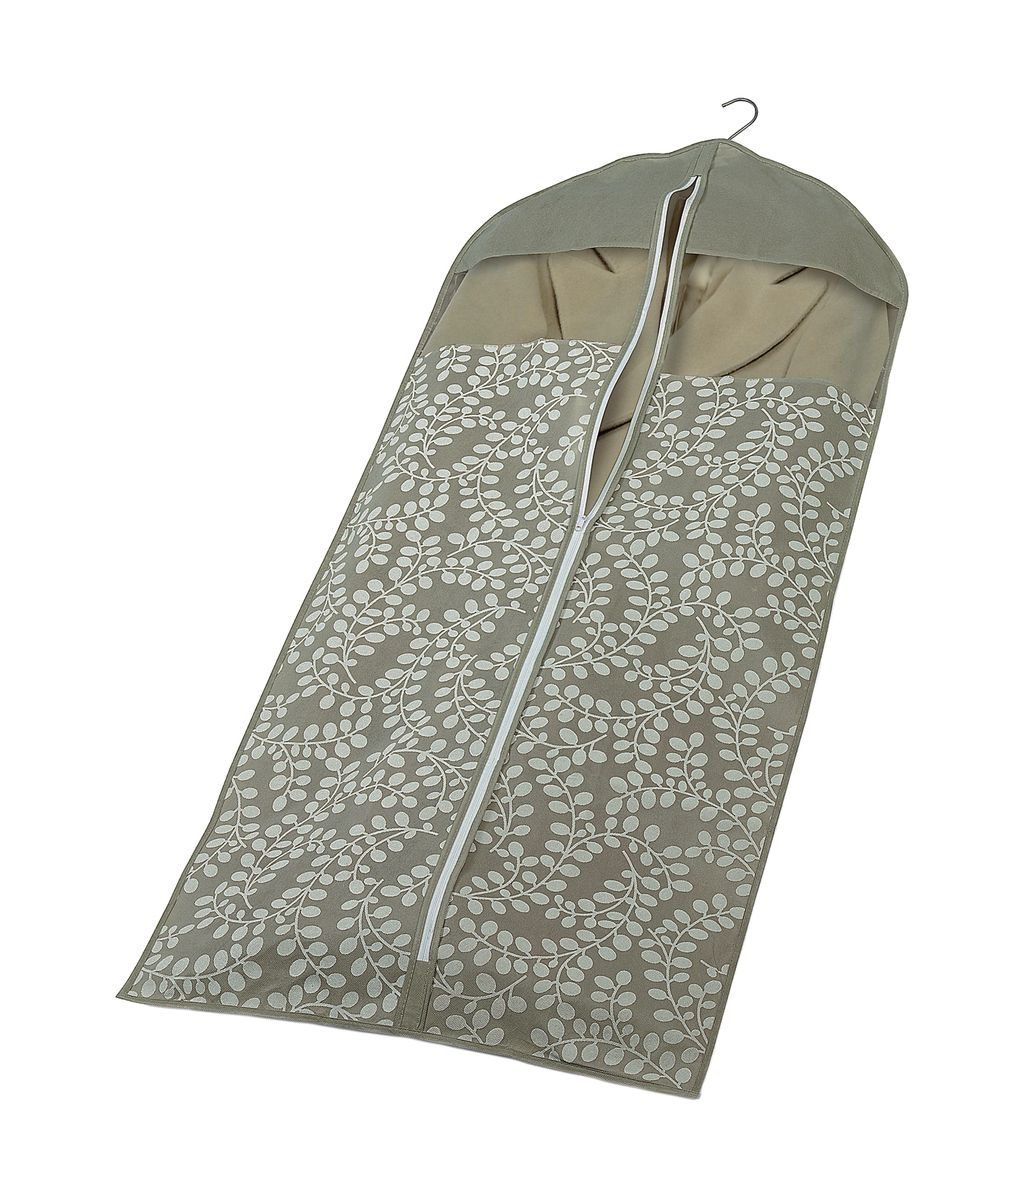 Чехол для пальто с молнией 137*60см Флораль. COVLCATF10 бежевыйCOVLCATF10Легкий чехол из дышащего нетканого материала (полипропилен), безопасного в использовании, для габаритной верхней одежды. Имеет два прозрачных окна, замок и специальное отверстие для крючка вешалки. Материал можно протирать в случае загрязнения влажной салфеткой или тряпкой. Надежно защищает от пыли, моли, солнечных лучей и загрязнения.